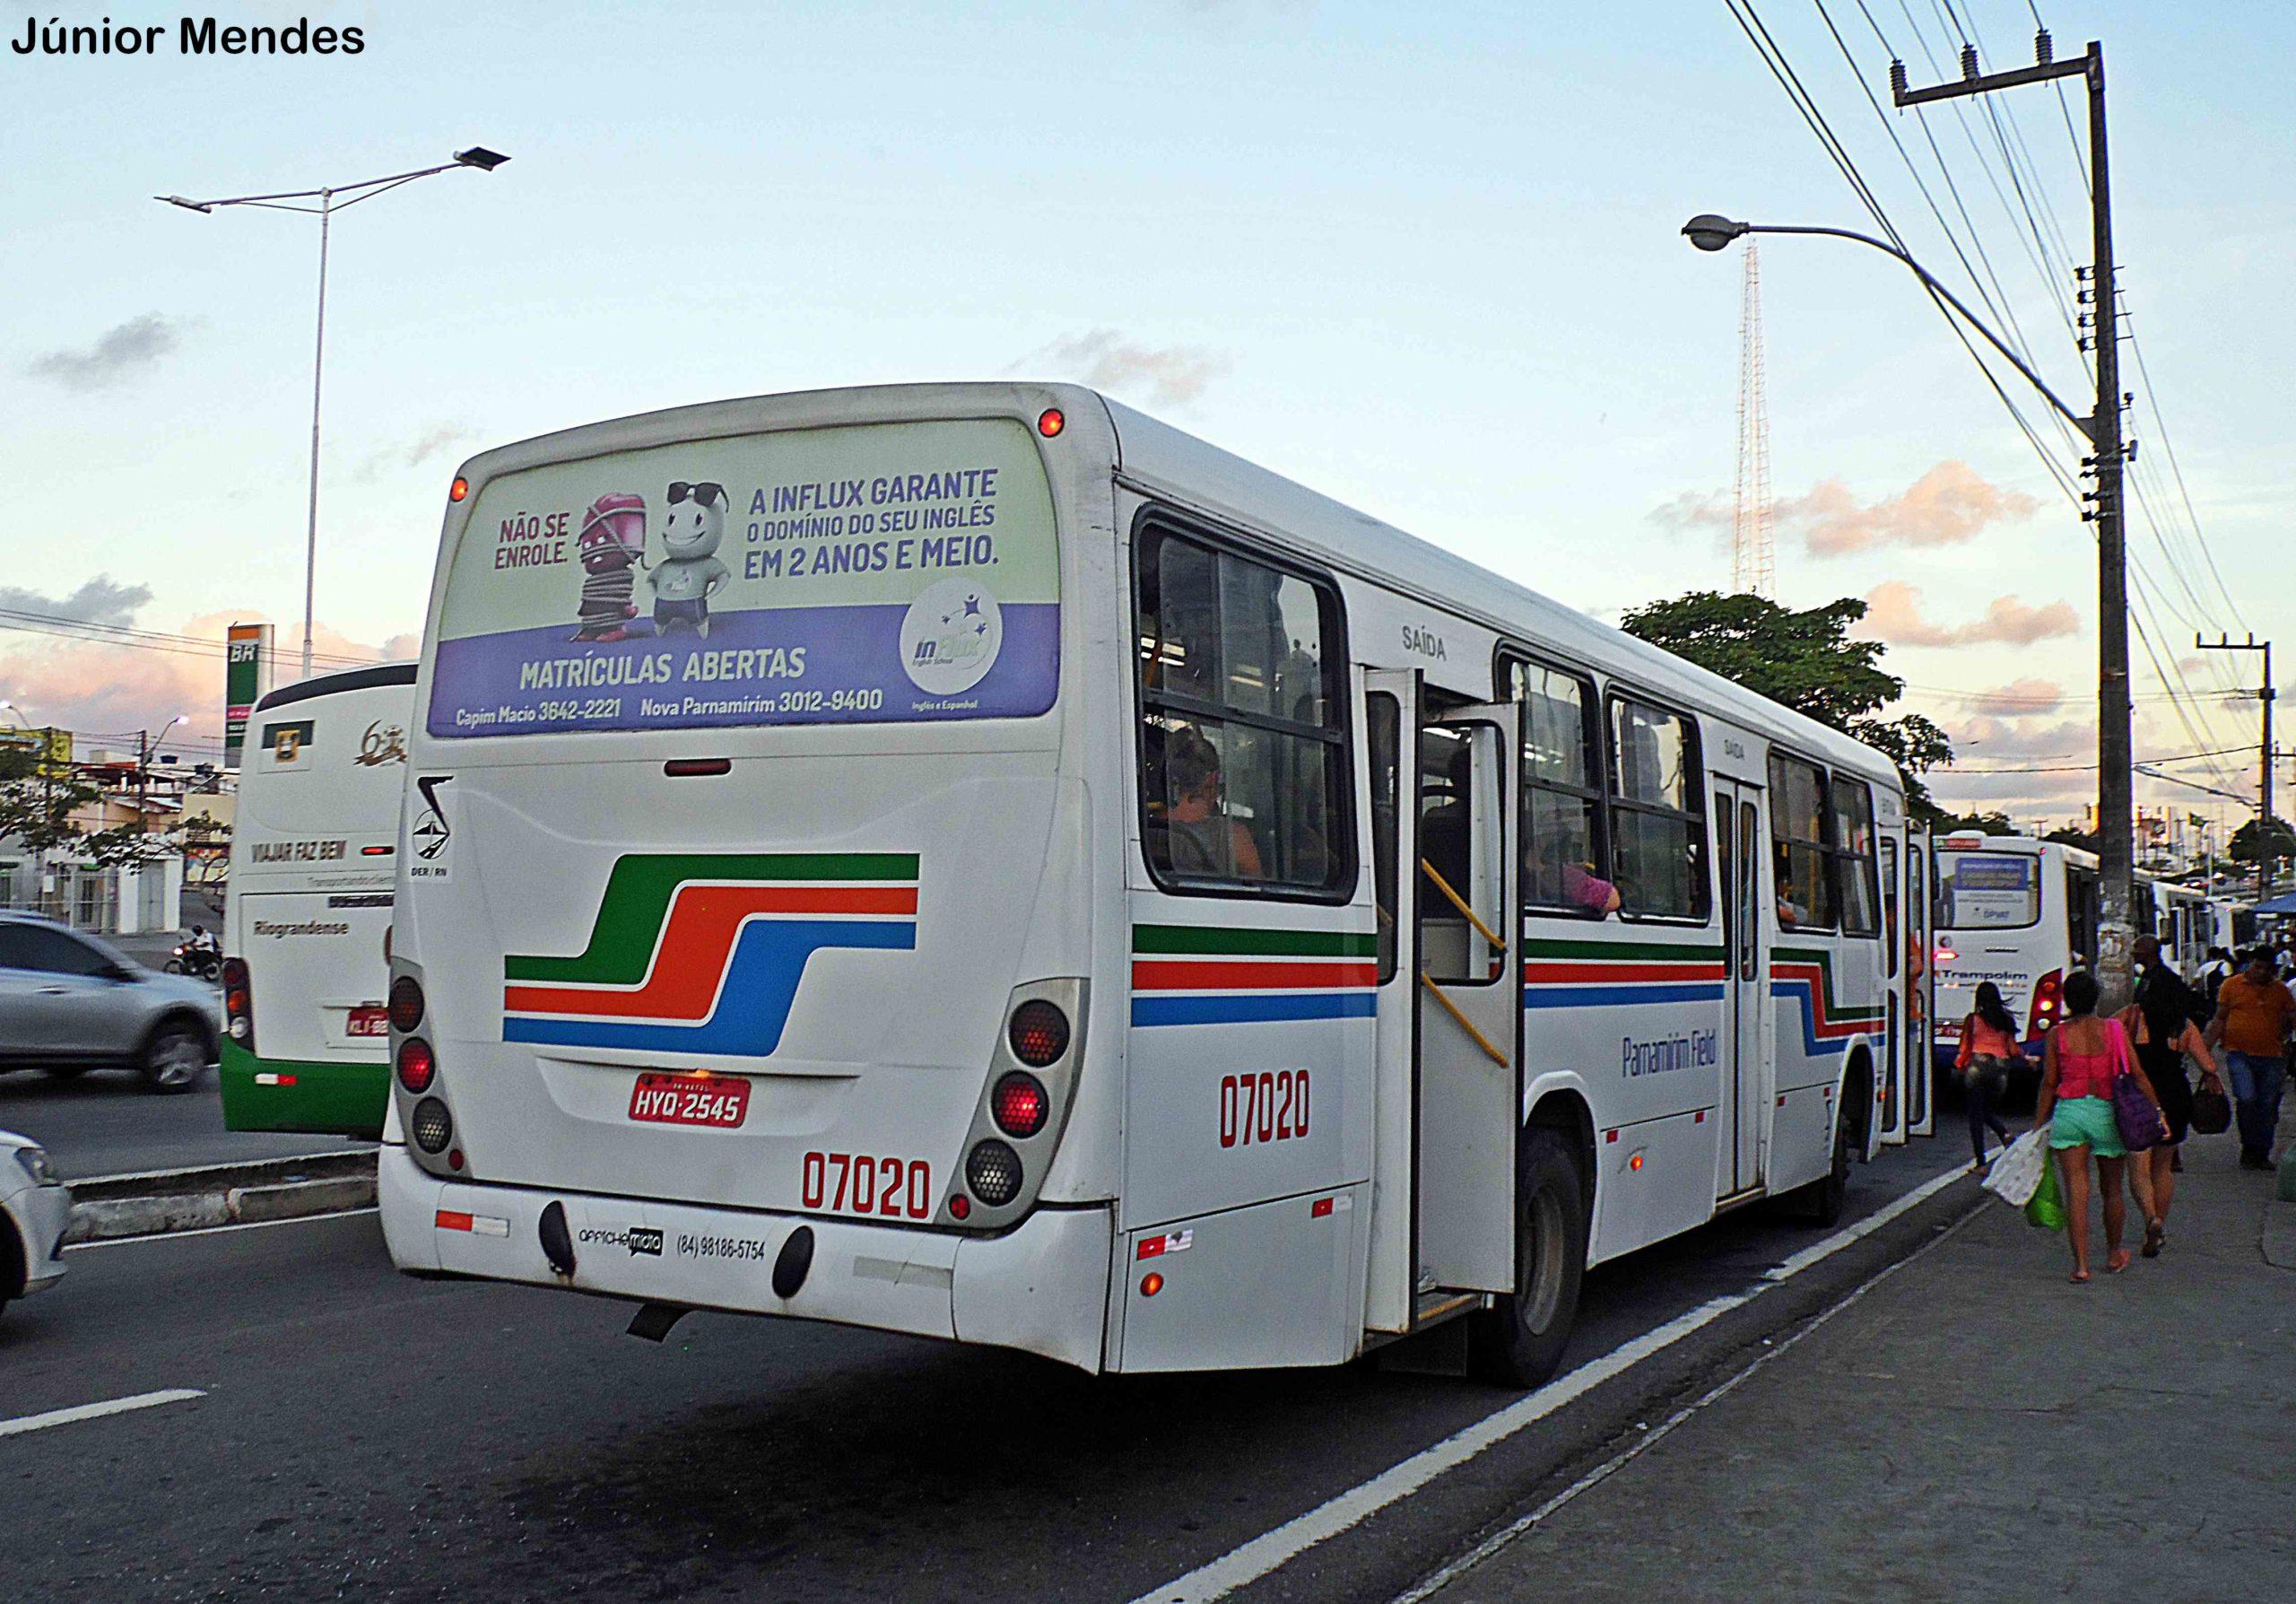 Redução no número de passageiros deverá aumentar tarifas de ônibus em todo país, prevê NTU